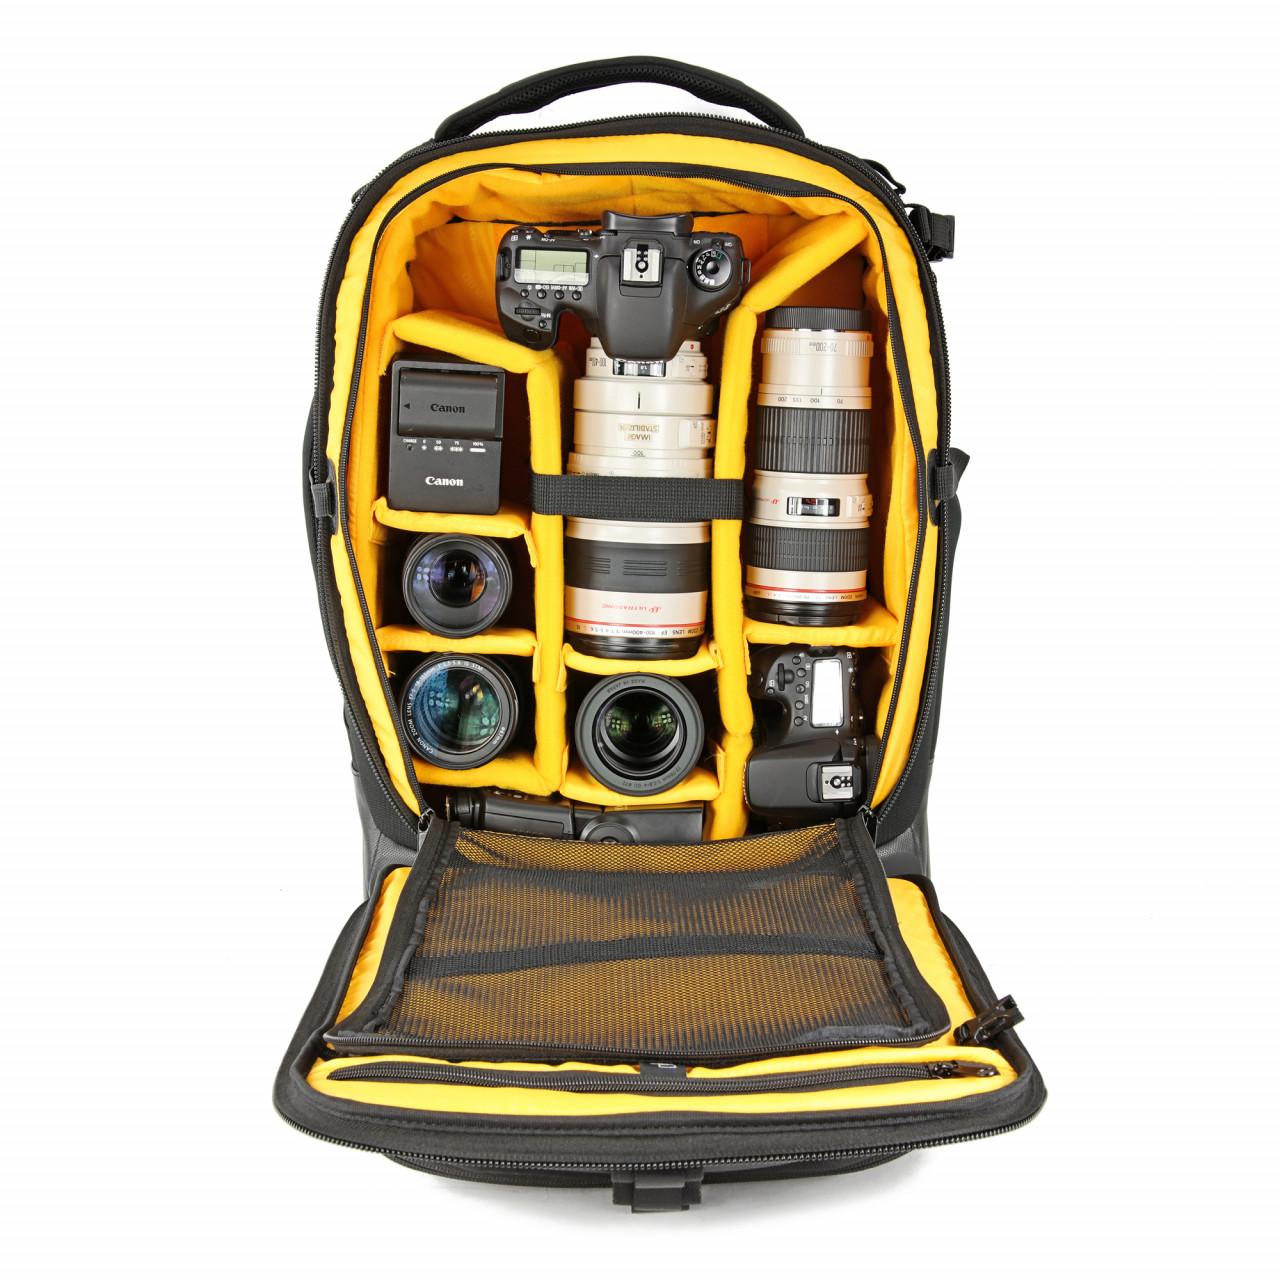 alta-fly-48t-camera-gear-inside-bag.jpg